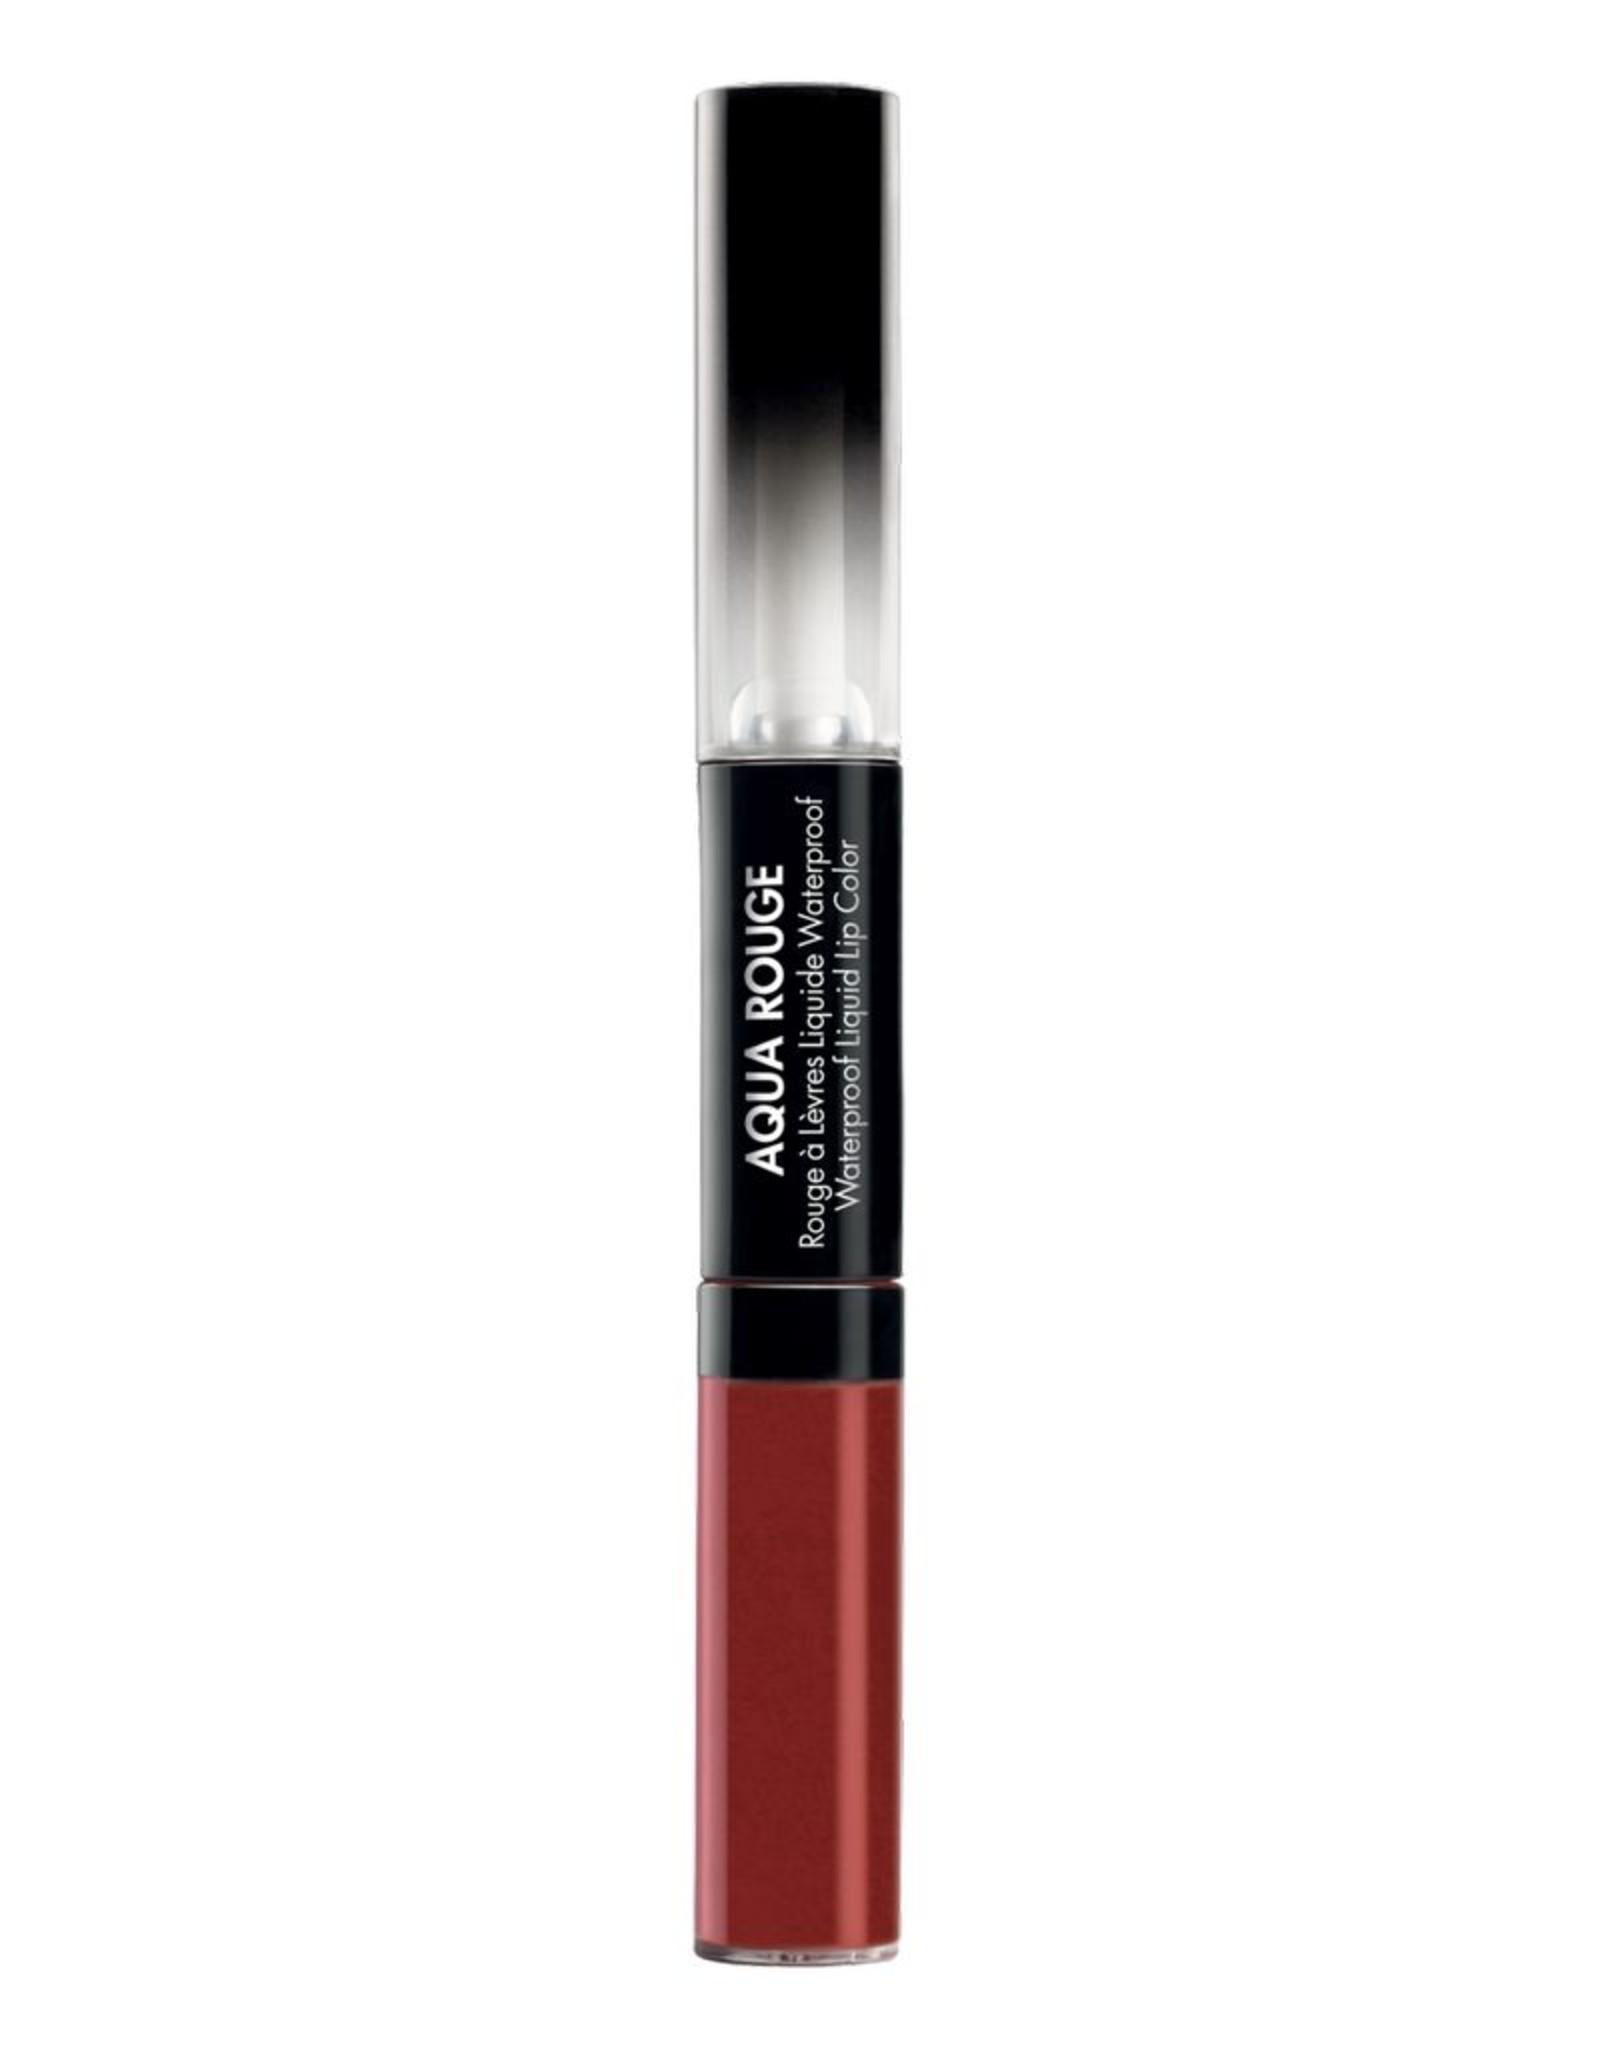 MUFE Aqua rouge a levres liq wtp #9 Bordeaux / Burgundy